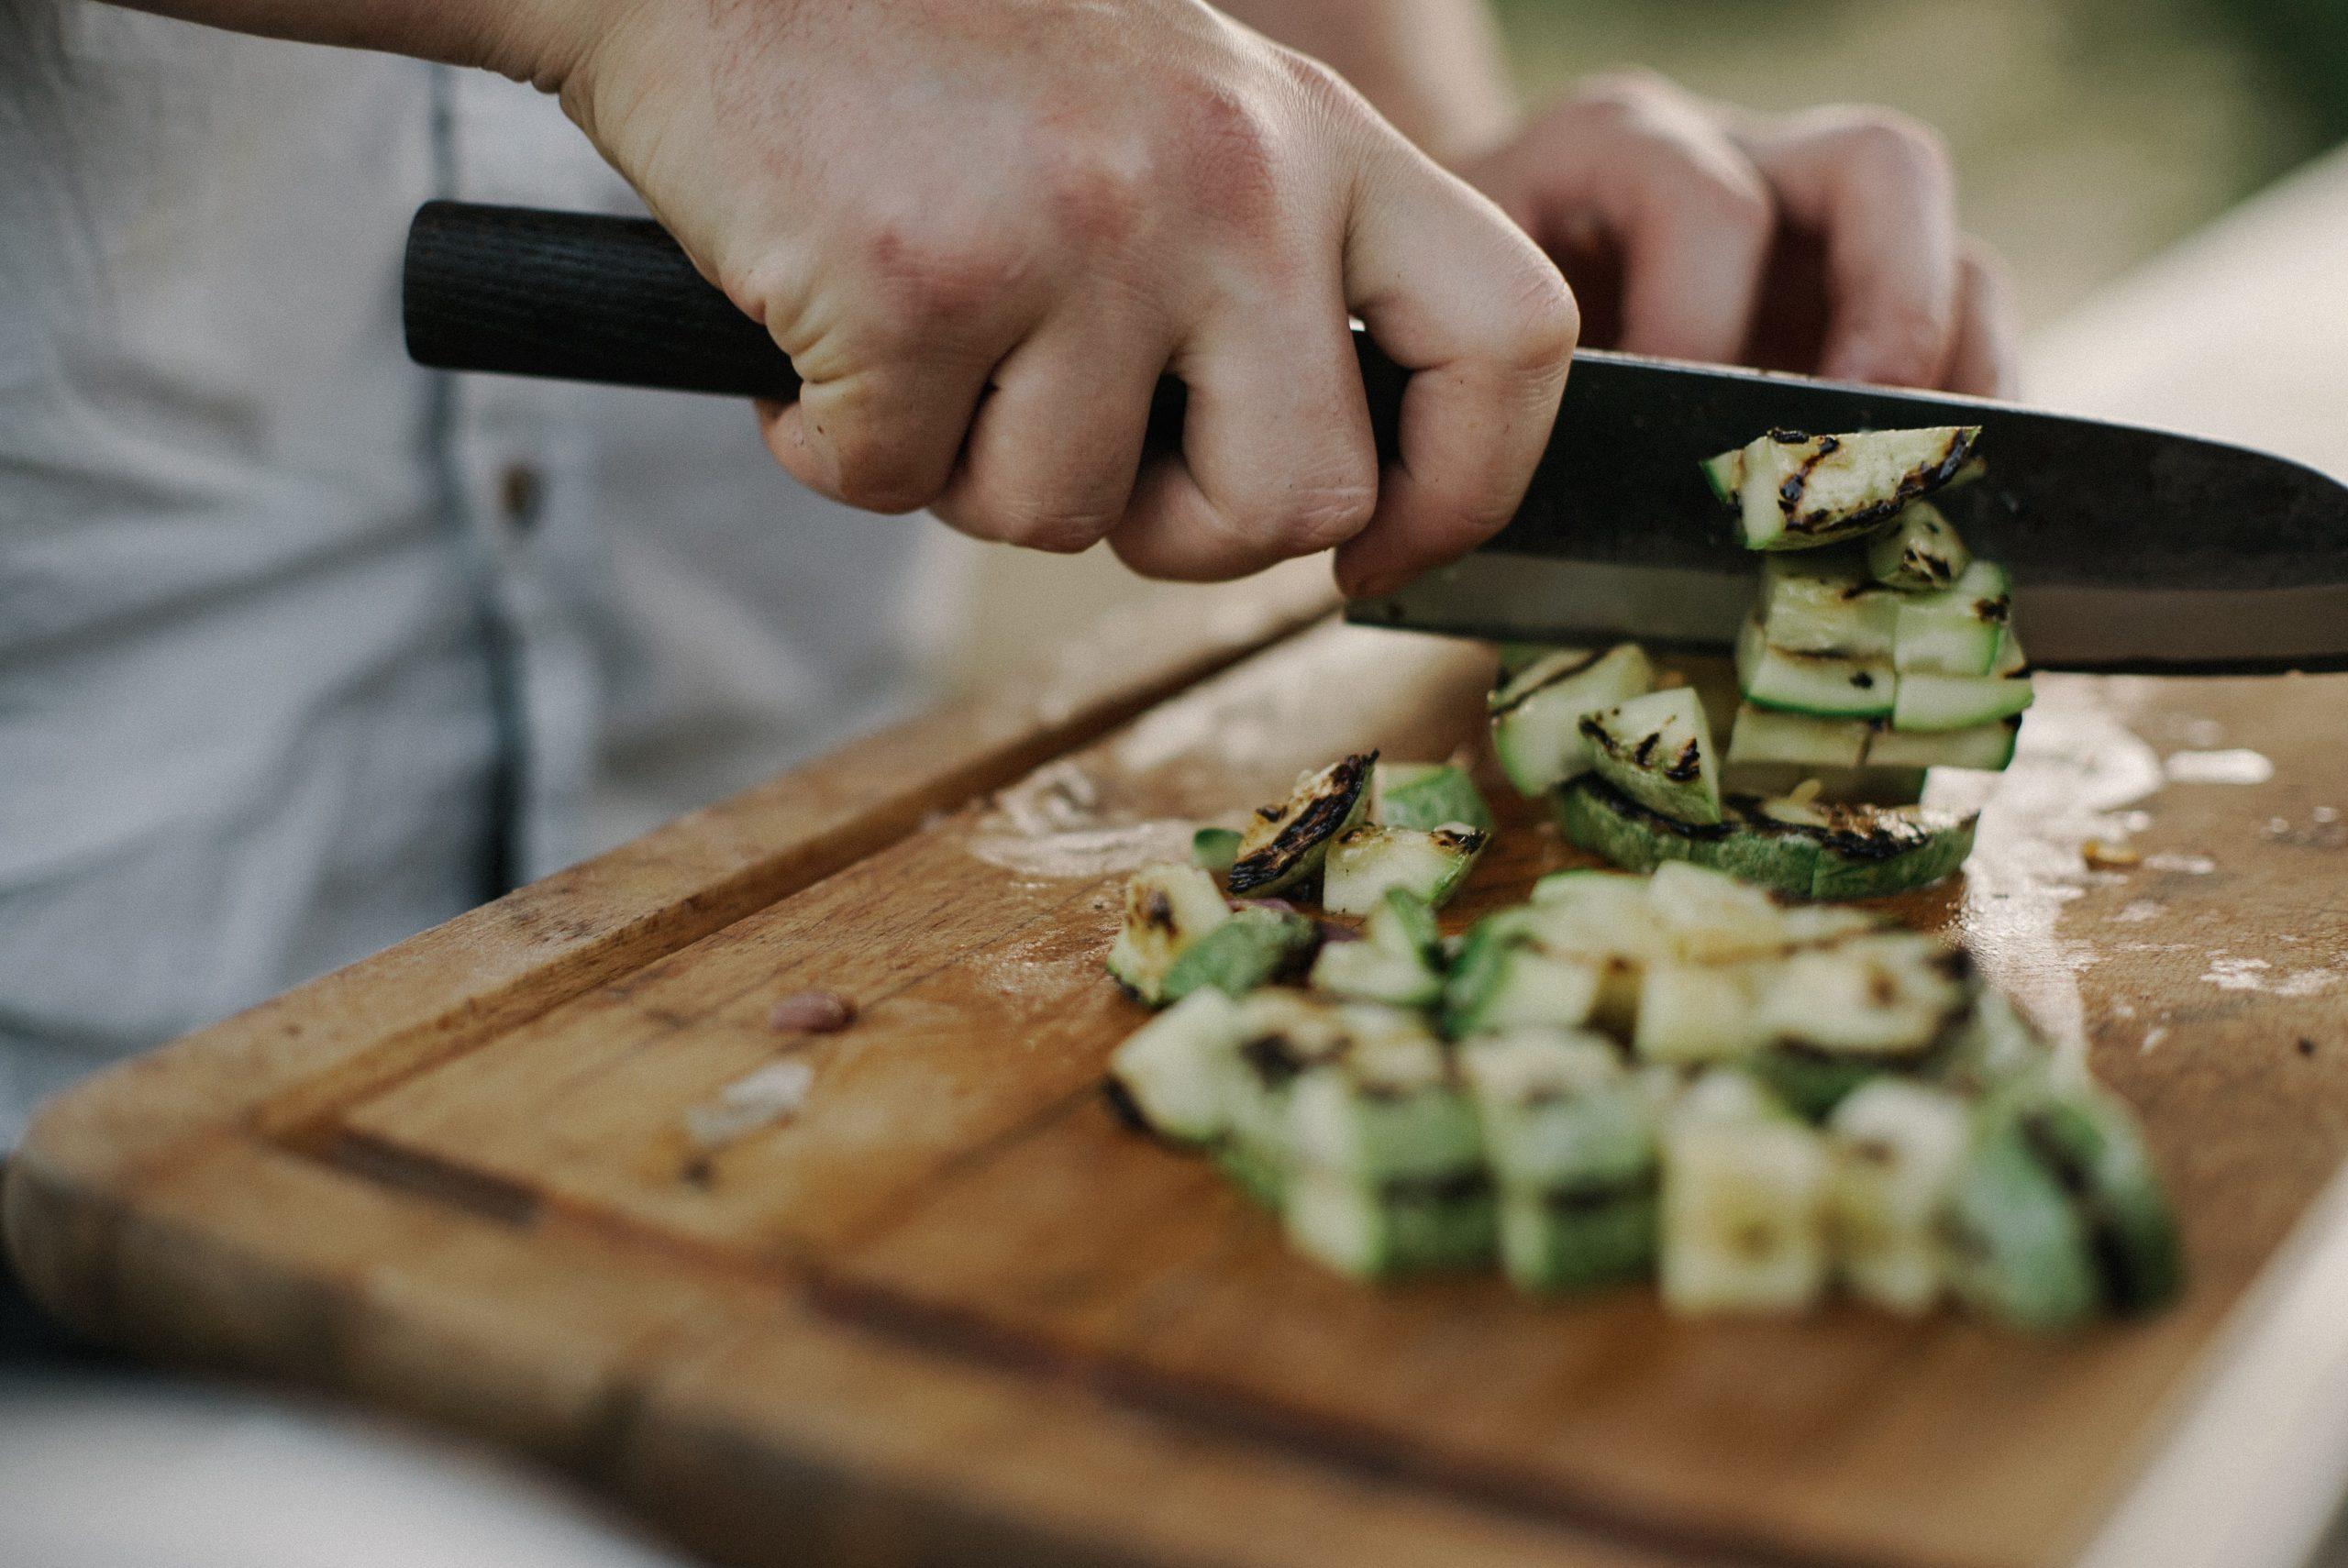 Cook along - cutting veg